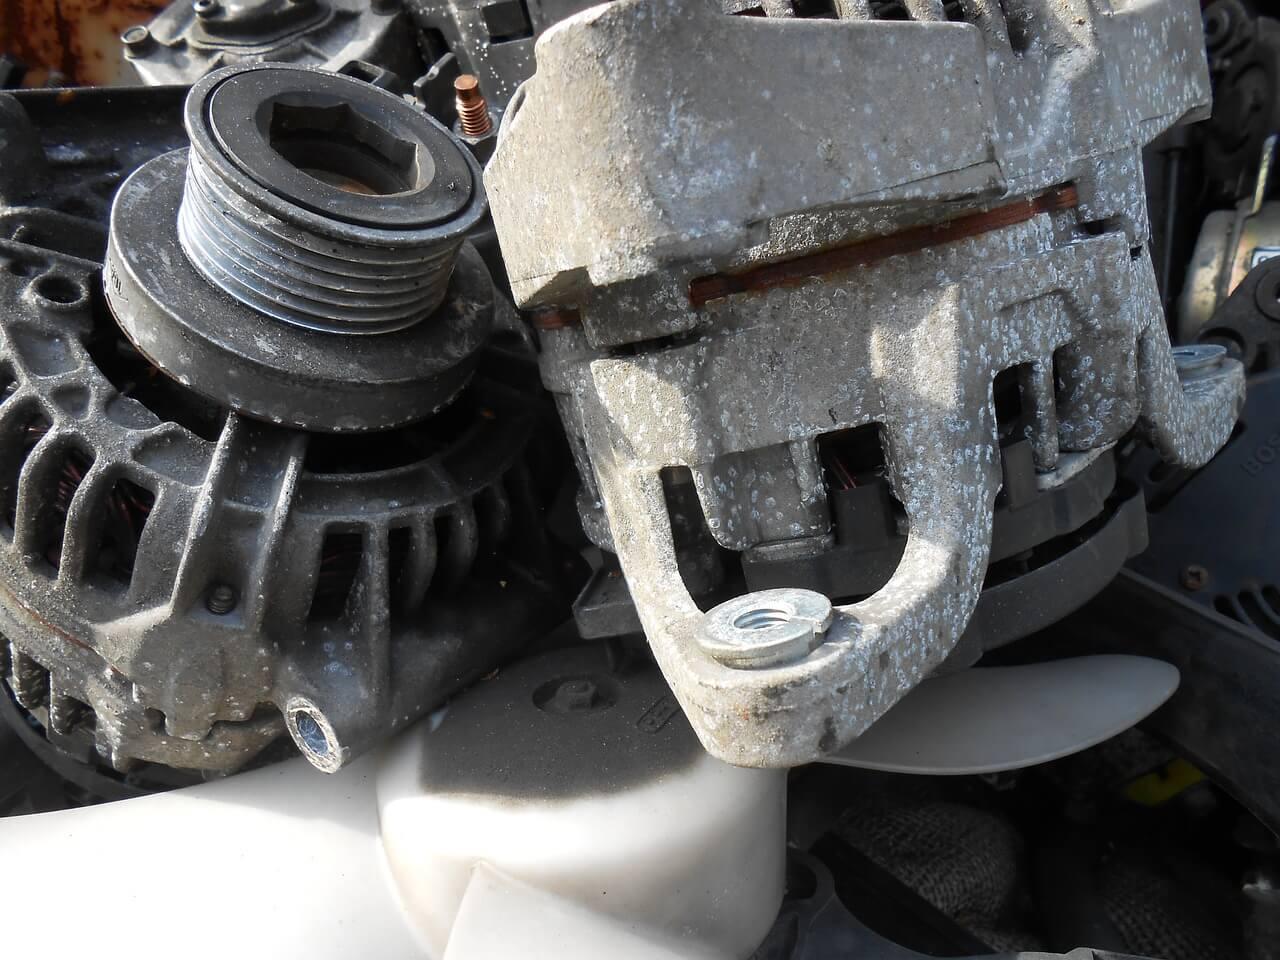 alternador do veículo - Problemas no alternador do veículo